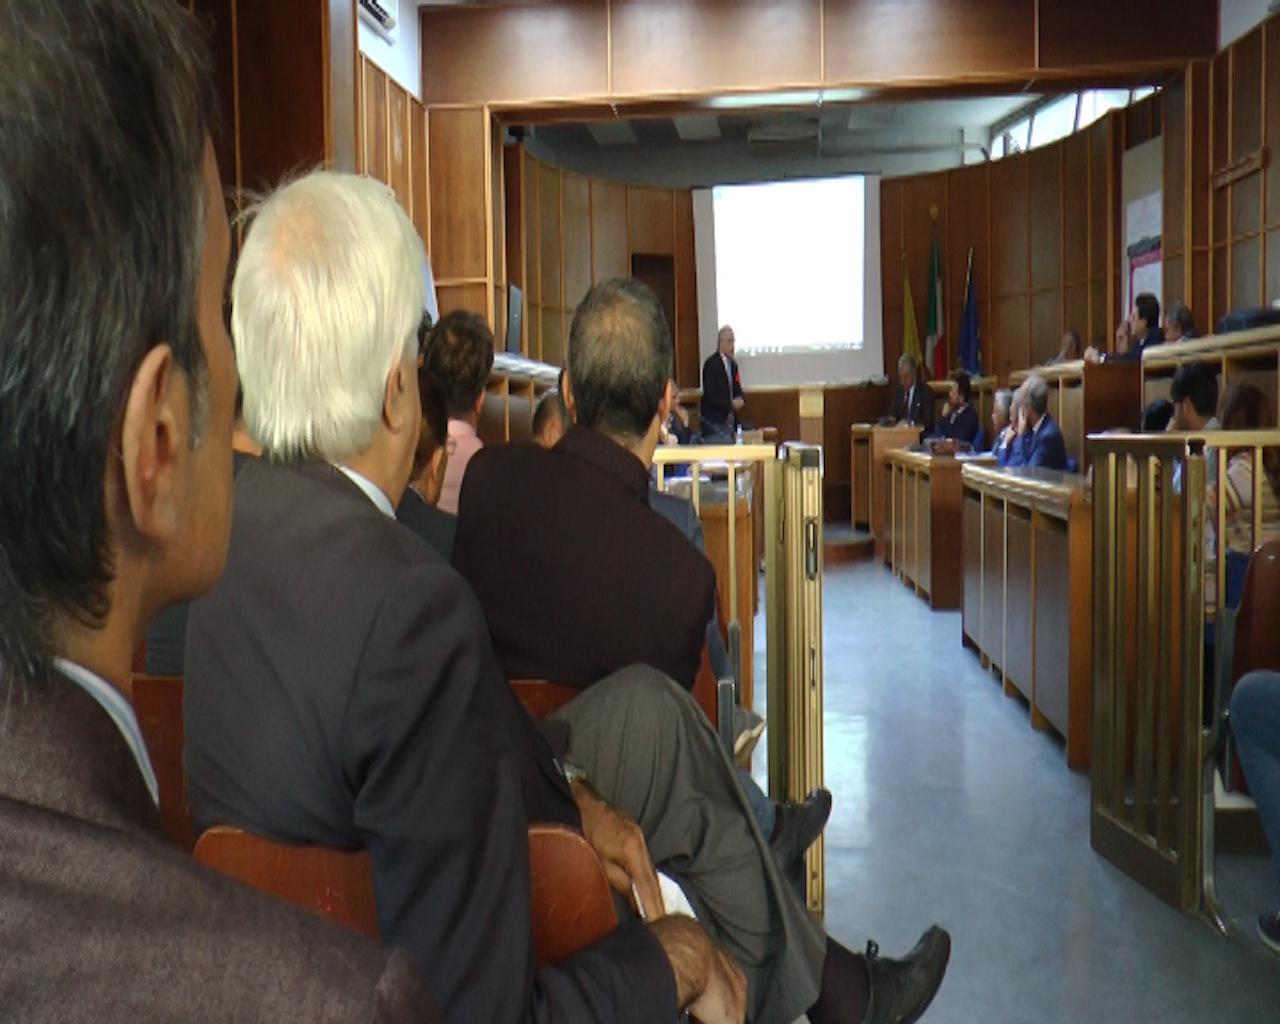 Tributi e abusivismo, task force dei Comuni con l'aiuto dell'Ordine dei Commercialisti. Video